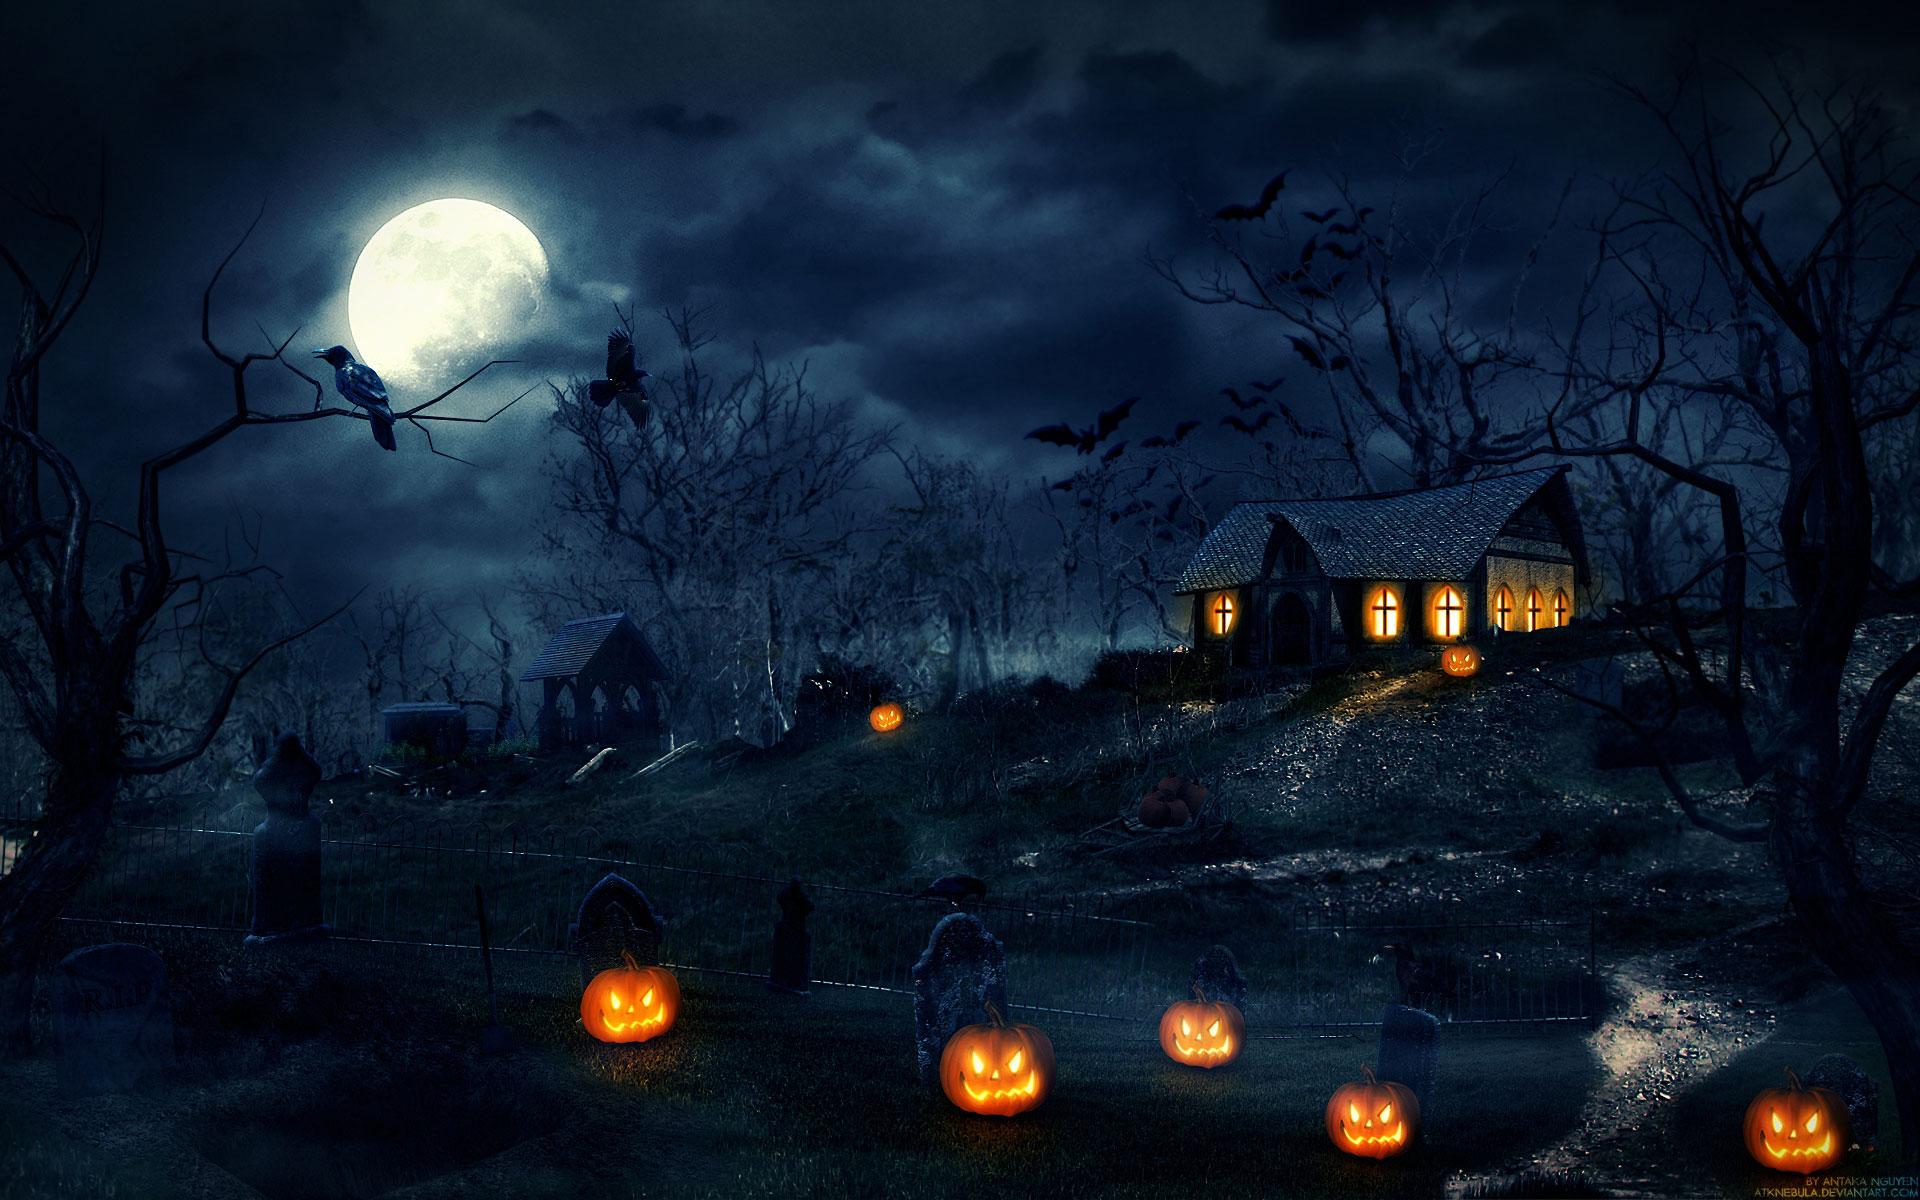 Halloween Backgrounds Download 1920x1200